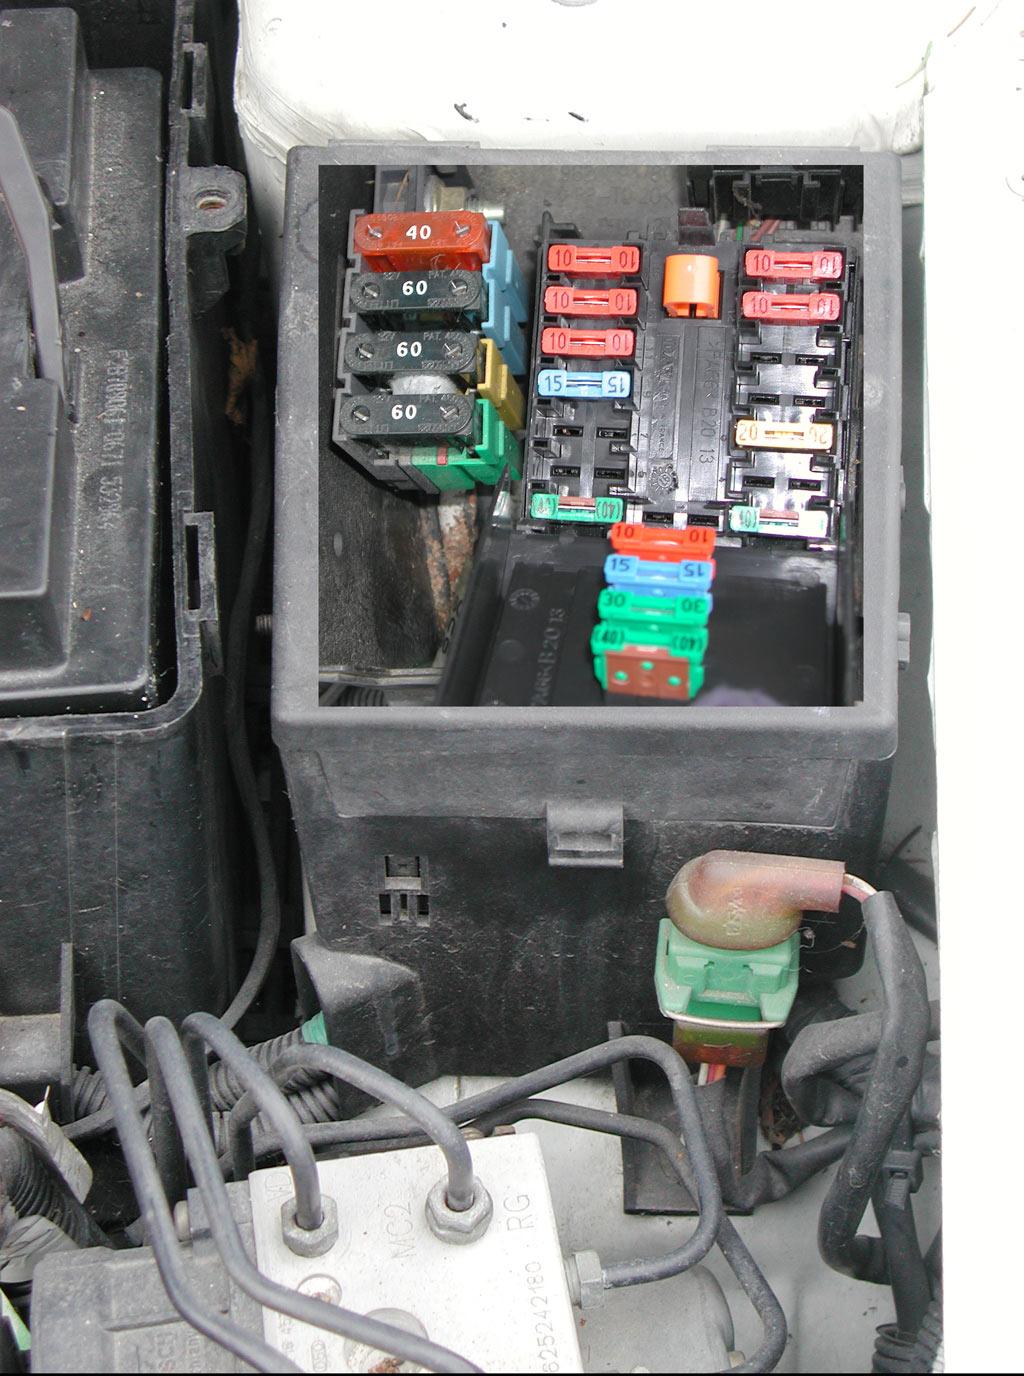 peugeot 306 1 8 16v de 1997 112 cv moteur xu7jp4  probl u00e8me